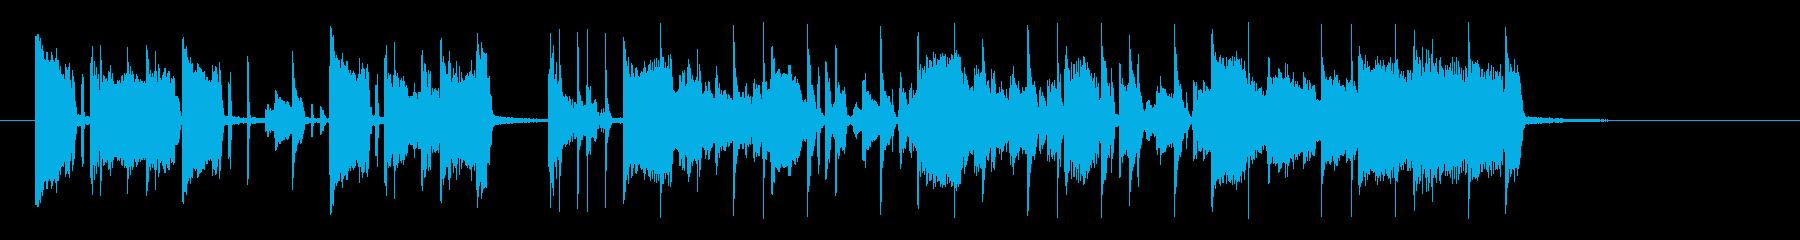 ワウギターのカッティングが特徴のジングルの再生済みの波形